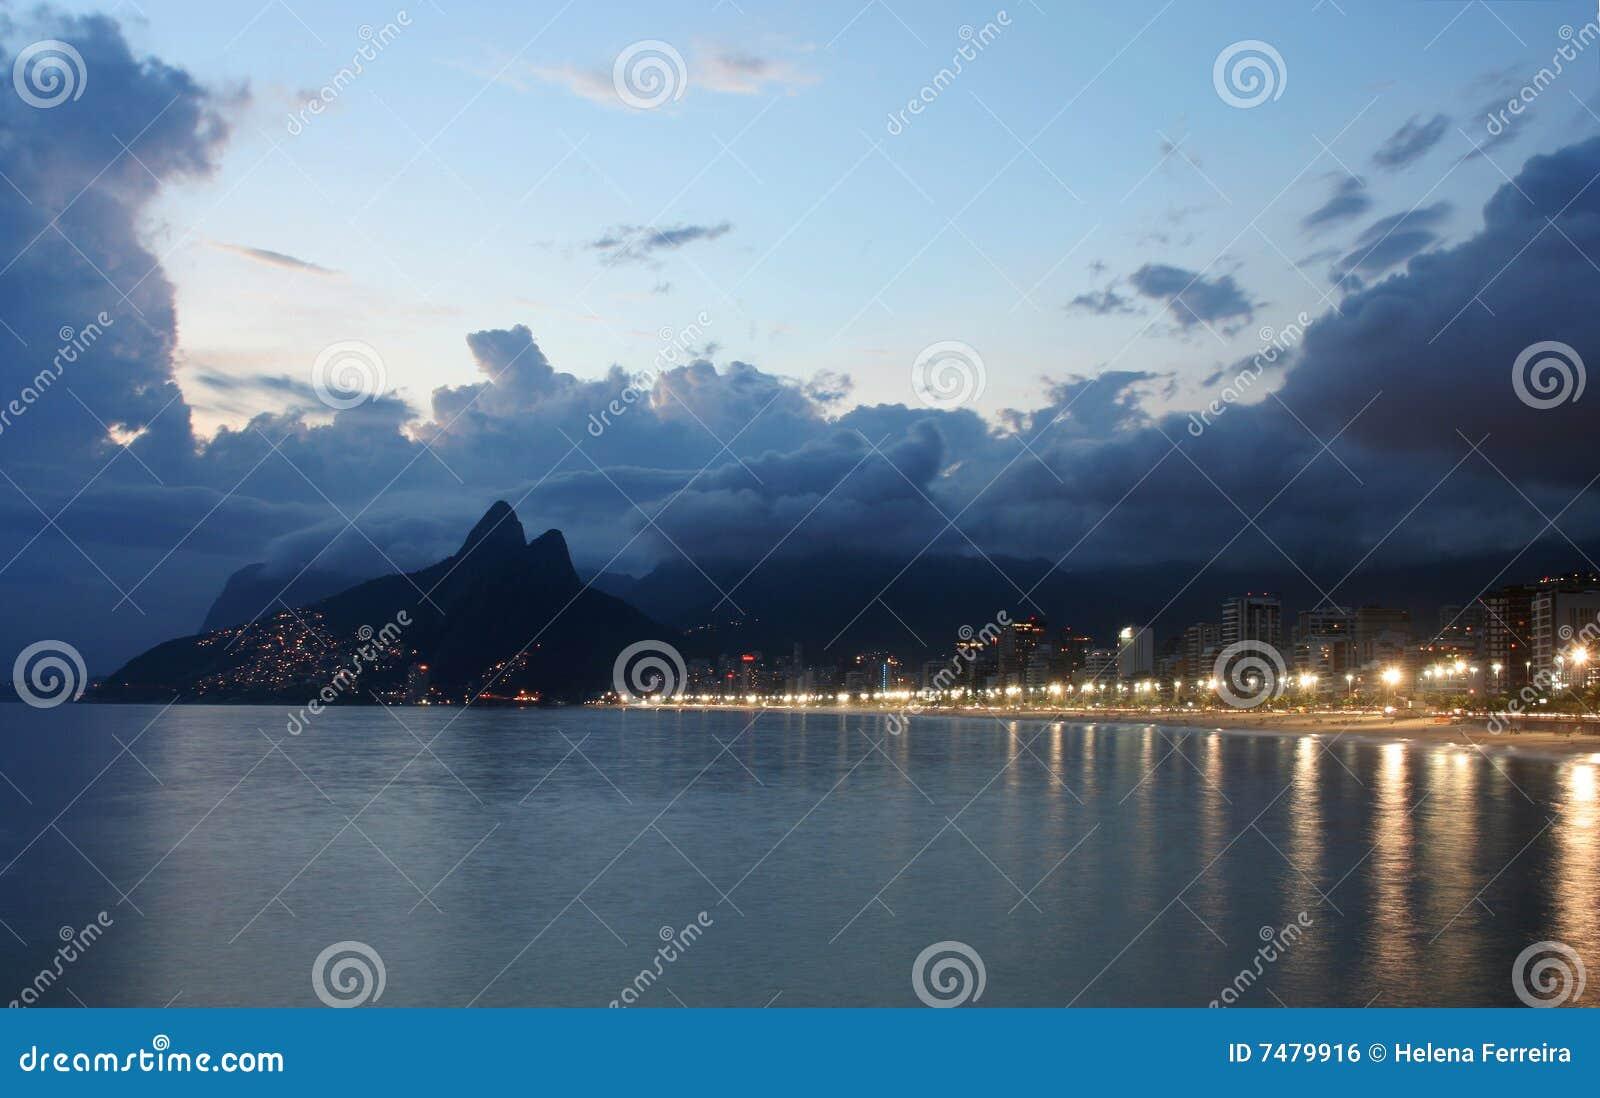 Rio de Janeiro, praia de Ipanema